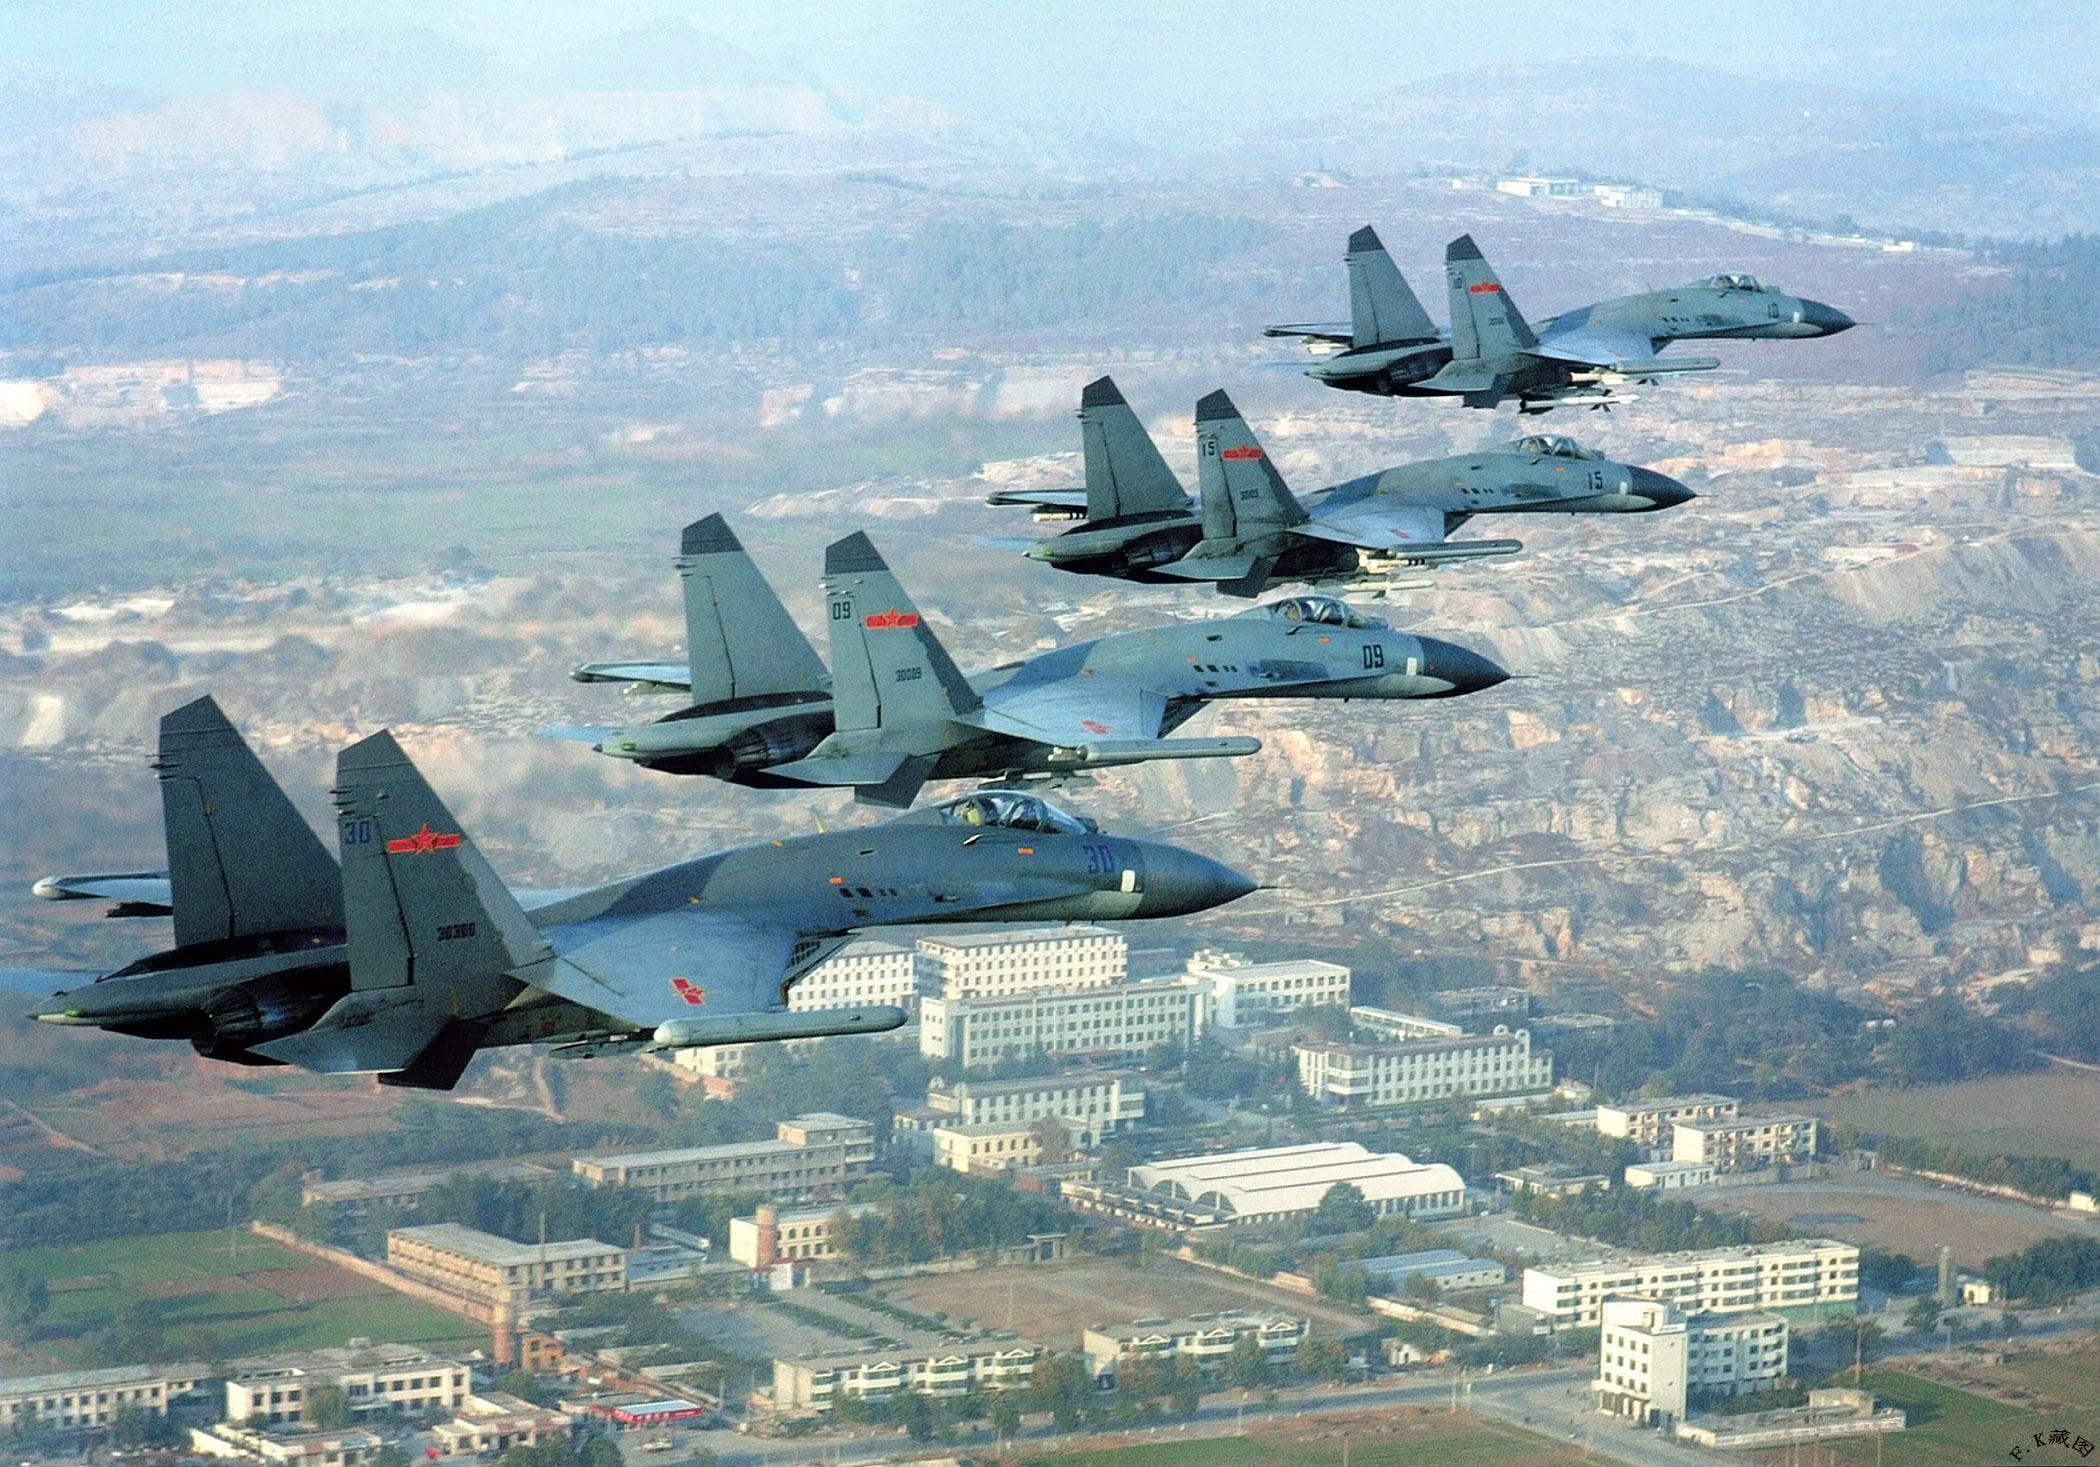 开着美国轰炸机卖中国苏27,这位苏俄双料空军司令最近很火